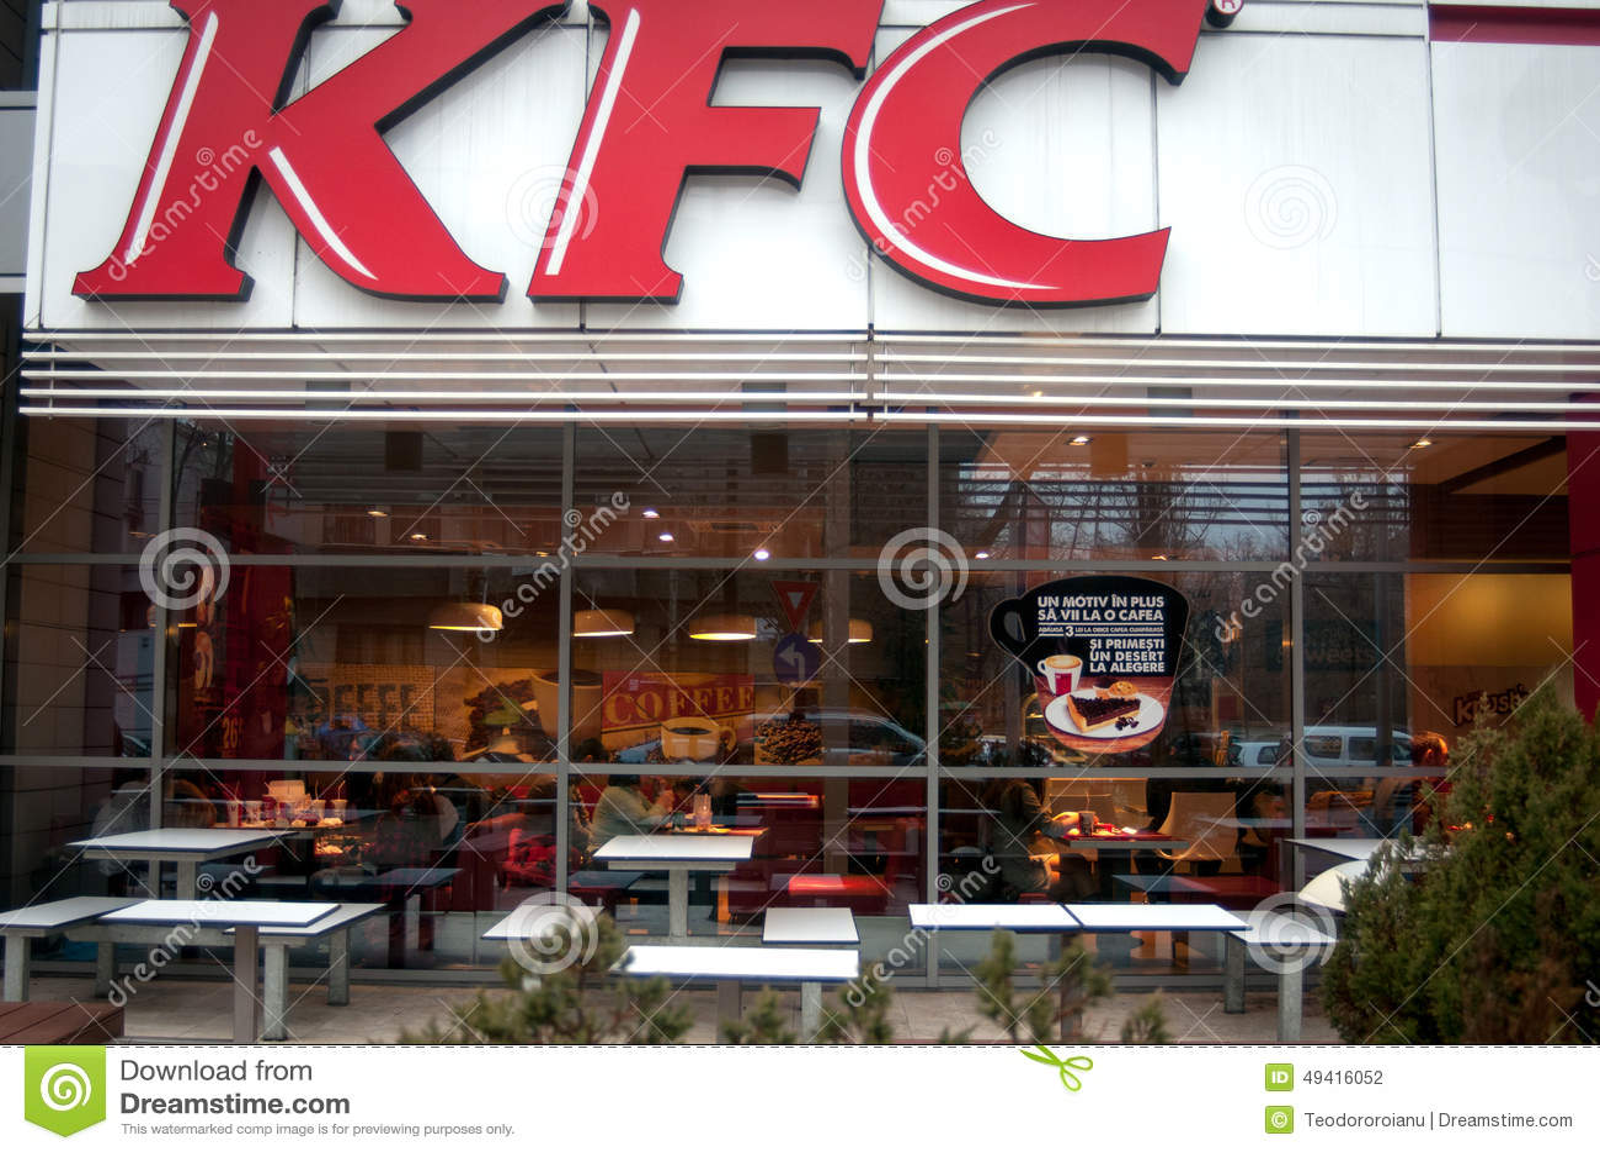 Download Kfc Restaurant redaktionelles stockfotografie. Bild von restaurant - 49416052